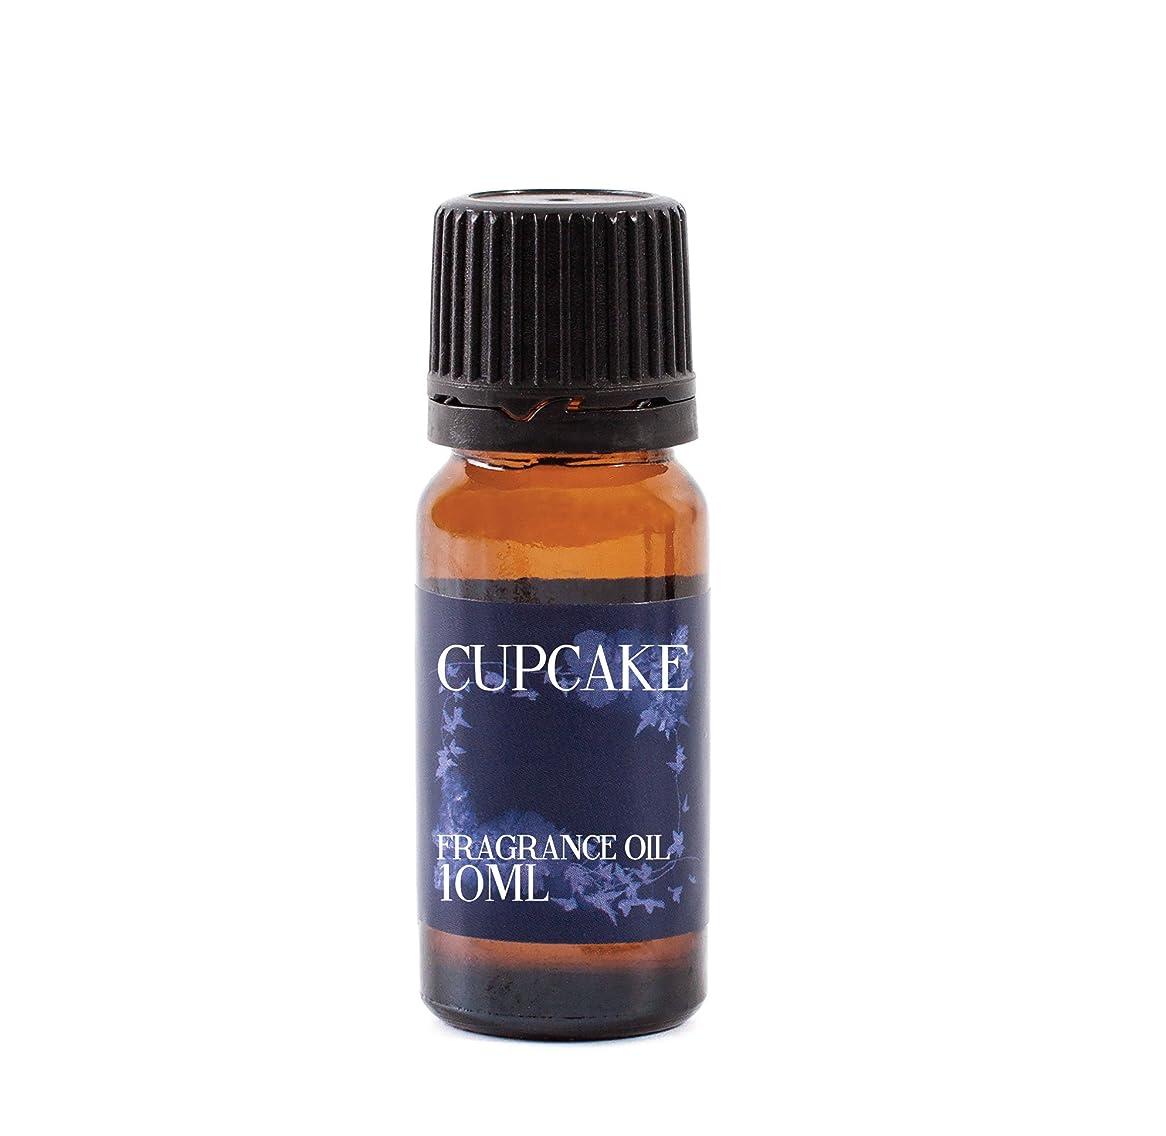 社交的カレッジダイヤルMystic Moments | Cupcake Fragrance Oil - 10ml